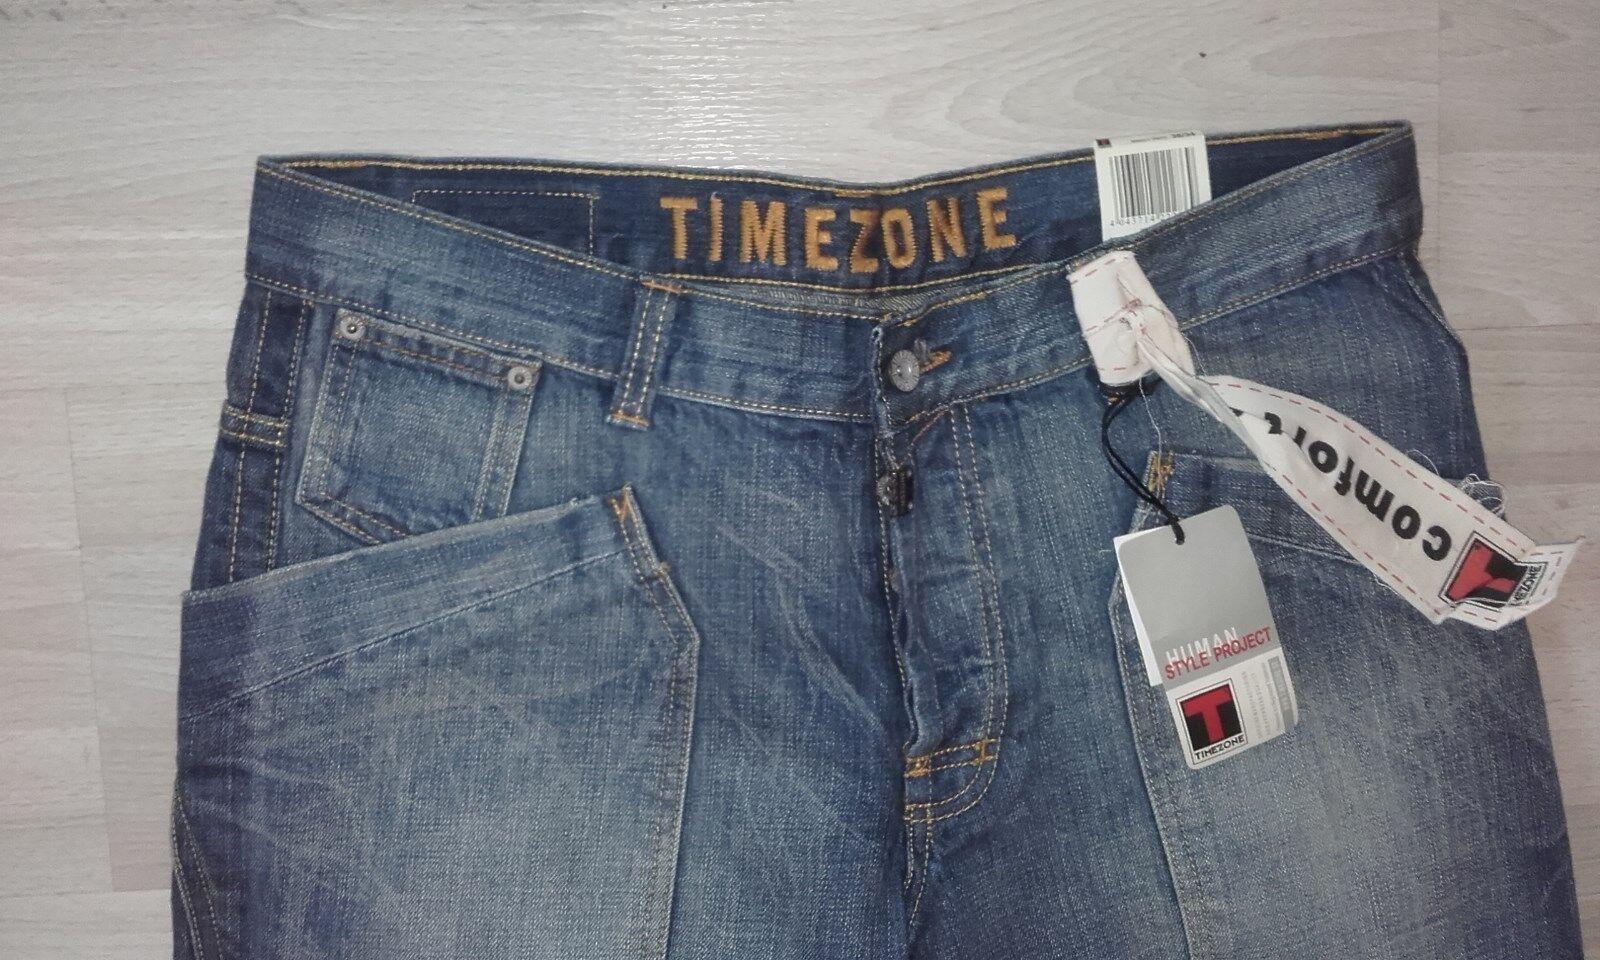 TIMEZONE Human Project Project Project Style Jeans Dimensione 36 34 nuovo mai usato imballo originale Manalo PANTS ac163e